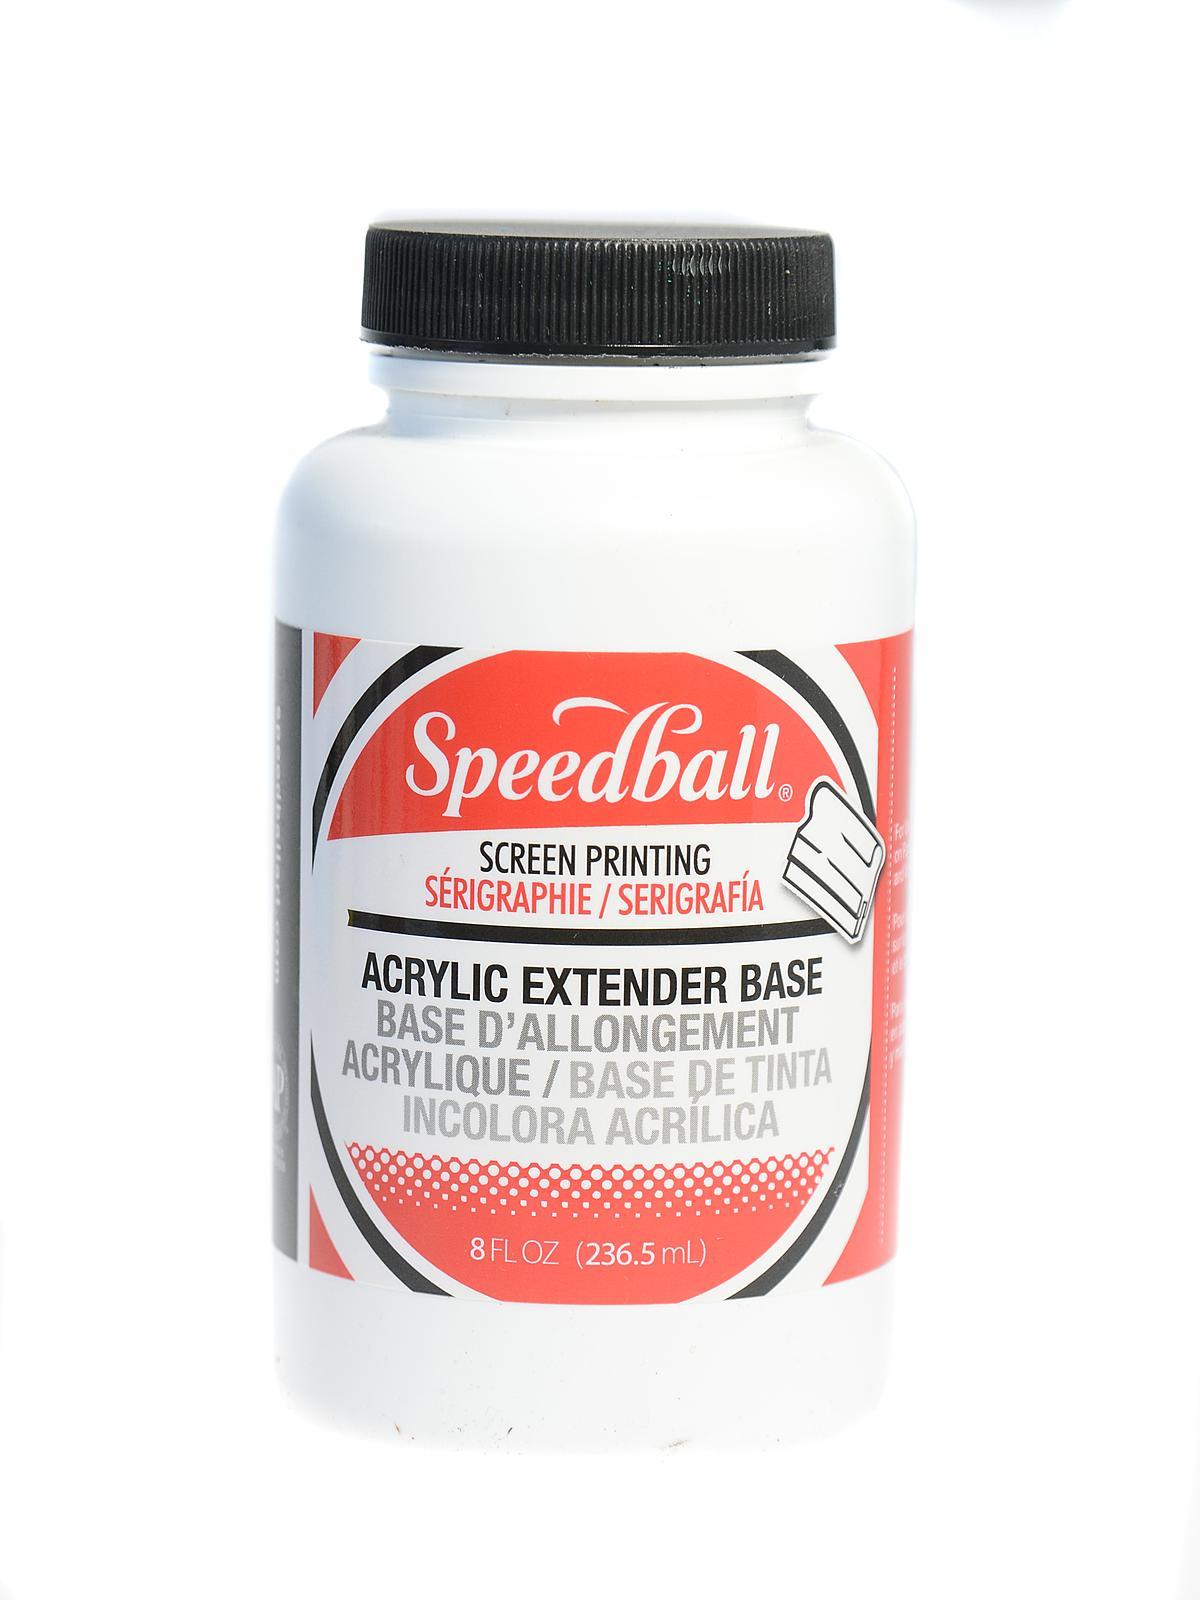 Acrylic Extender Base